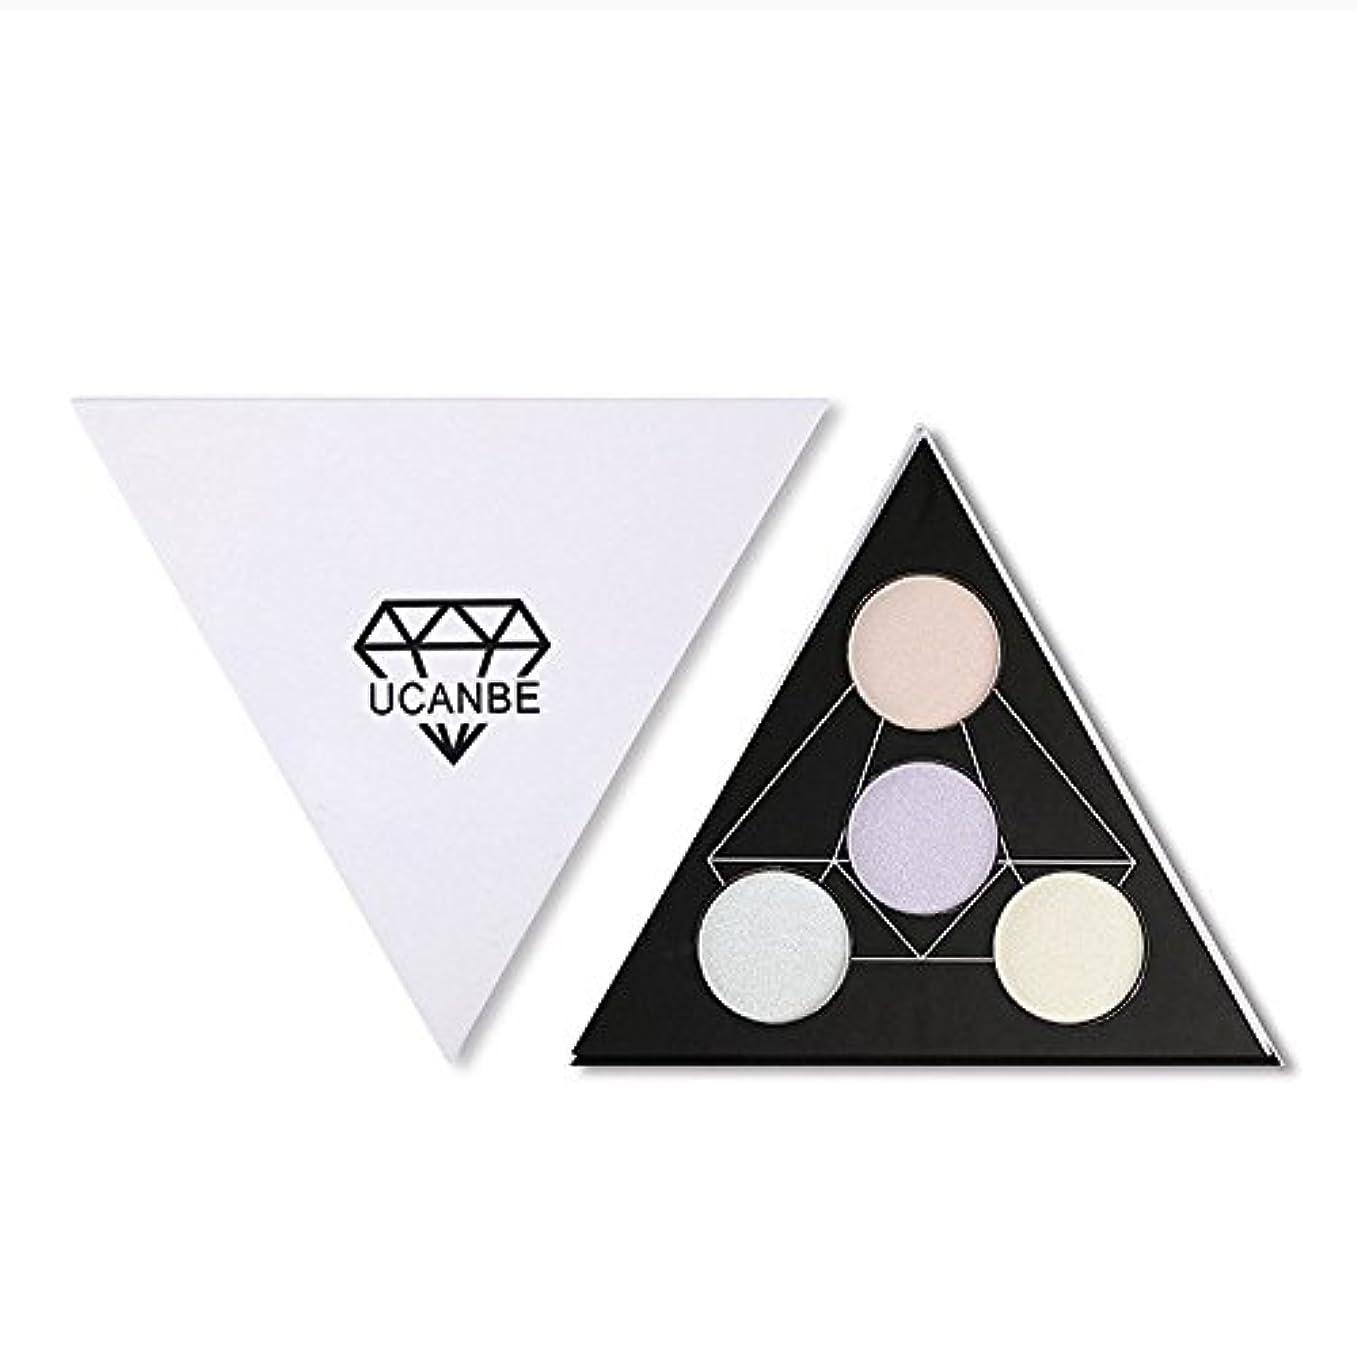 全くブラシ提案するAkane アイシャドウパレット UCANBE 人気 魅力的 ハイライト 綺麗 キラキラ おしゃれ 三角 防水 長持ち チャーム 持ち便利 Eye Shadow (4色)